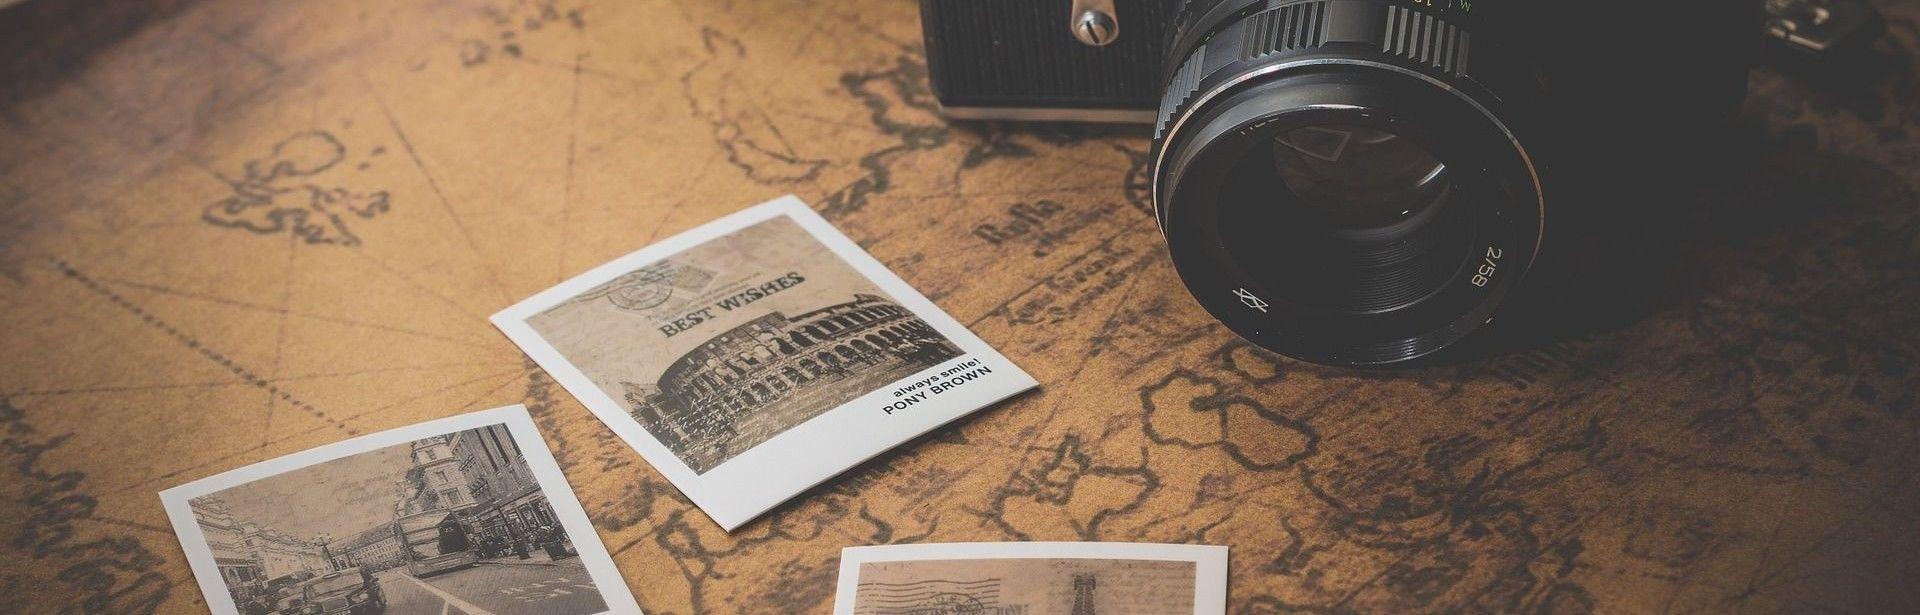 Fristlose Kündigung wegen falscher Reisekostenabrechnung